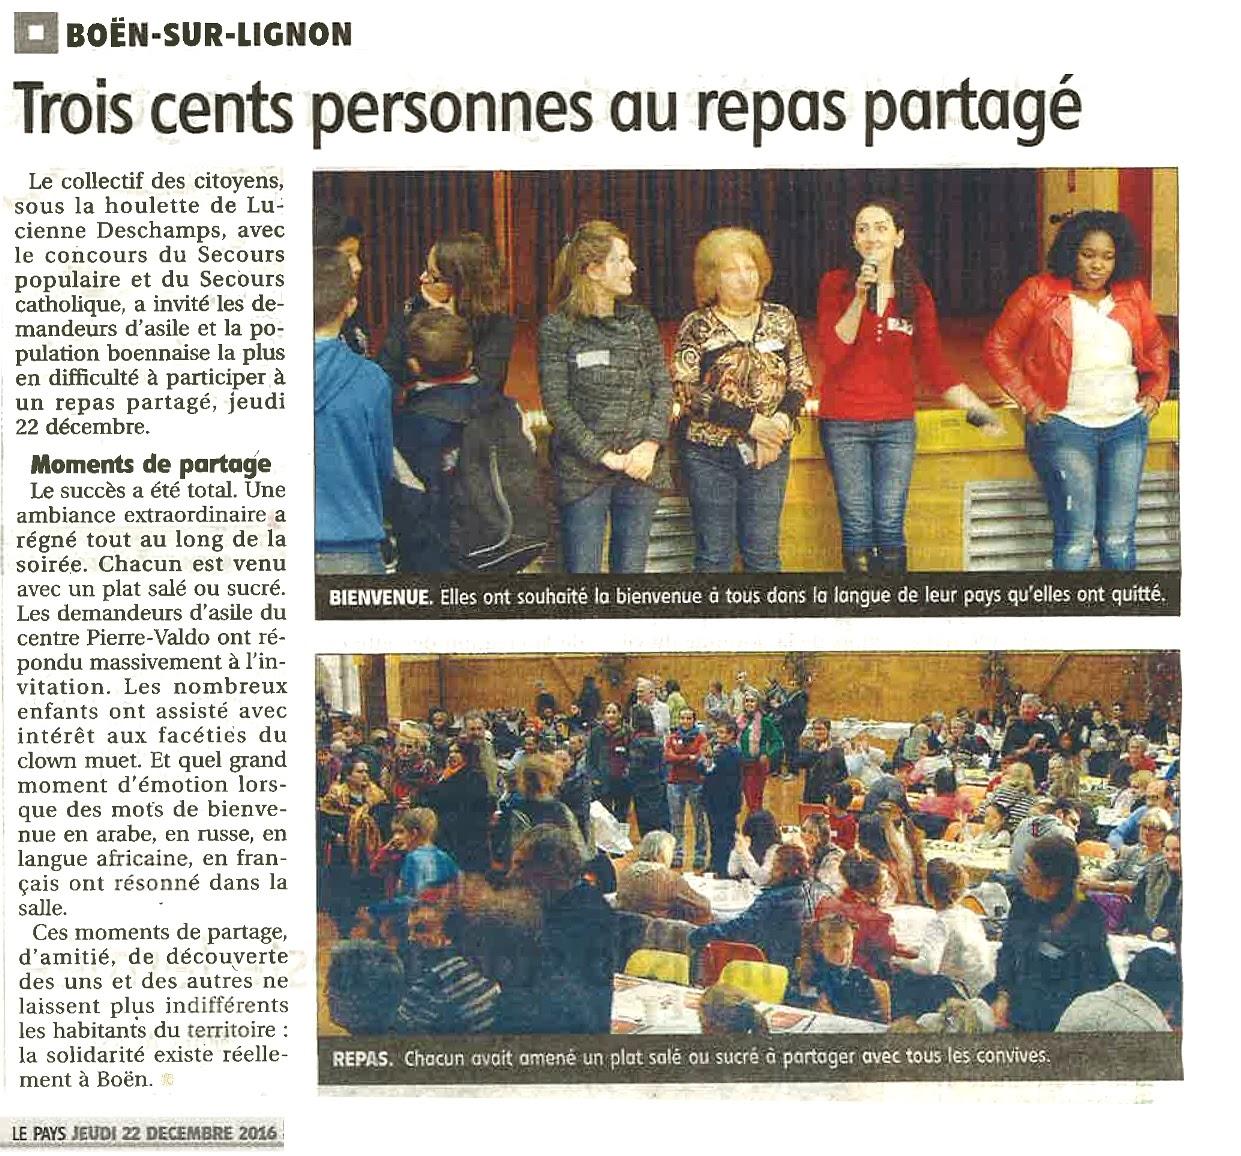 Repas partagé, article Le Pays du 29-12-2016